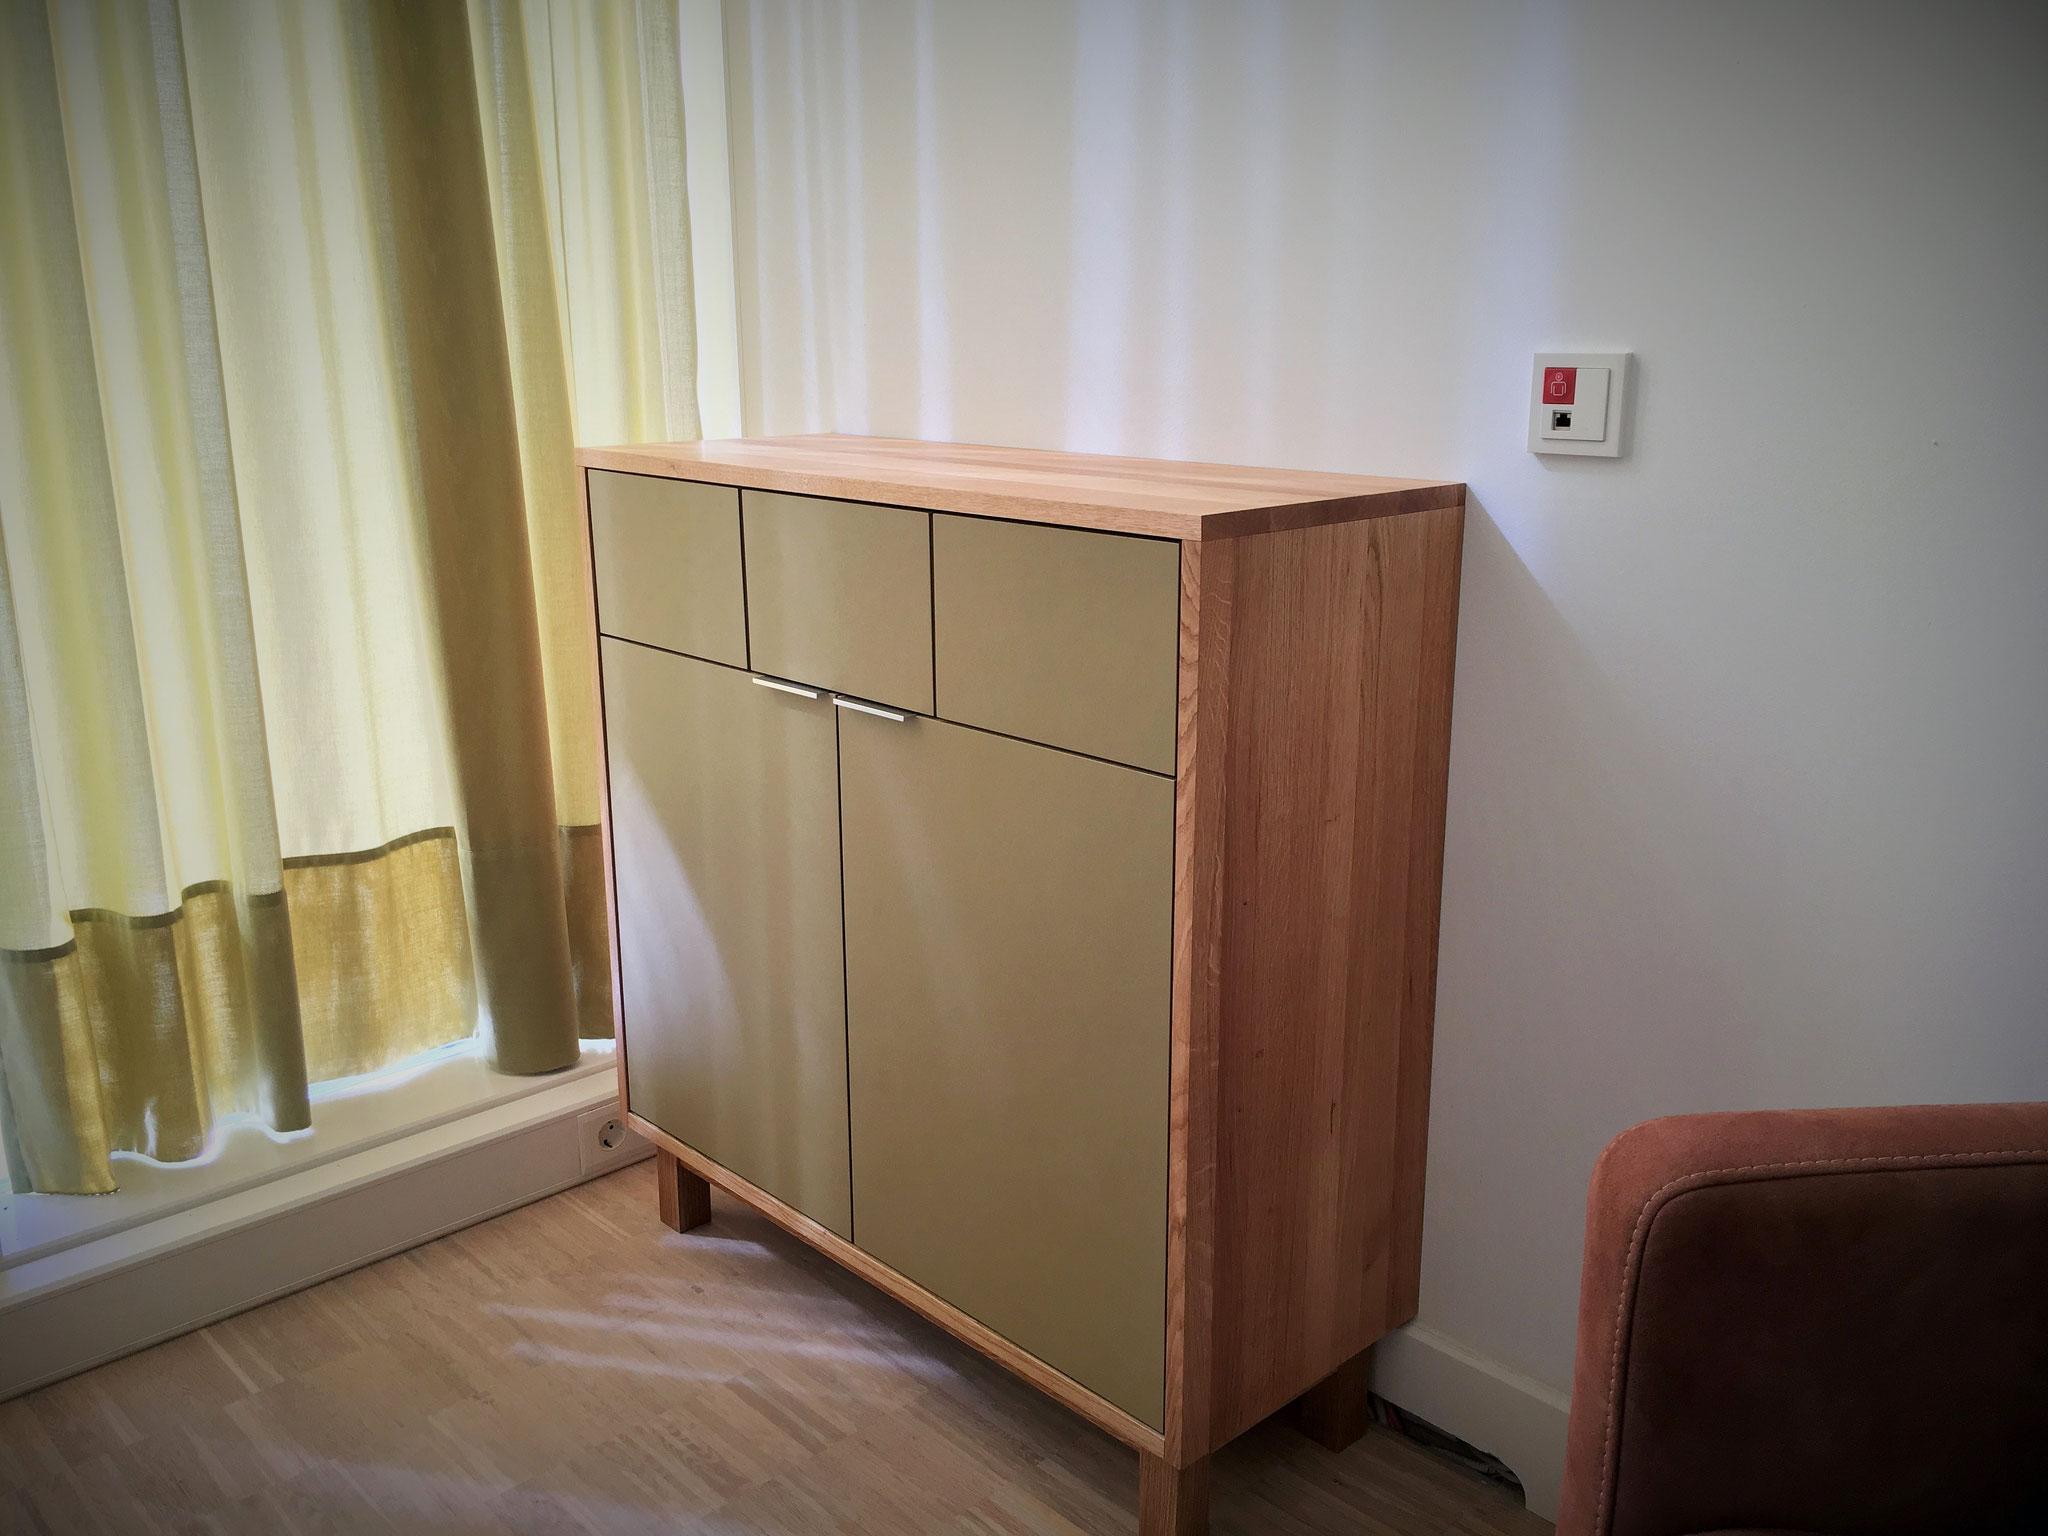 Schrank für ein Behandlungszimmer aus Eichenholz mit Fronten aus Linoleum mit eingebautem Wäschekorb und Mülleimer